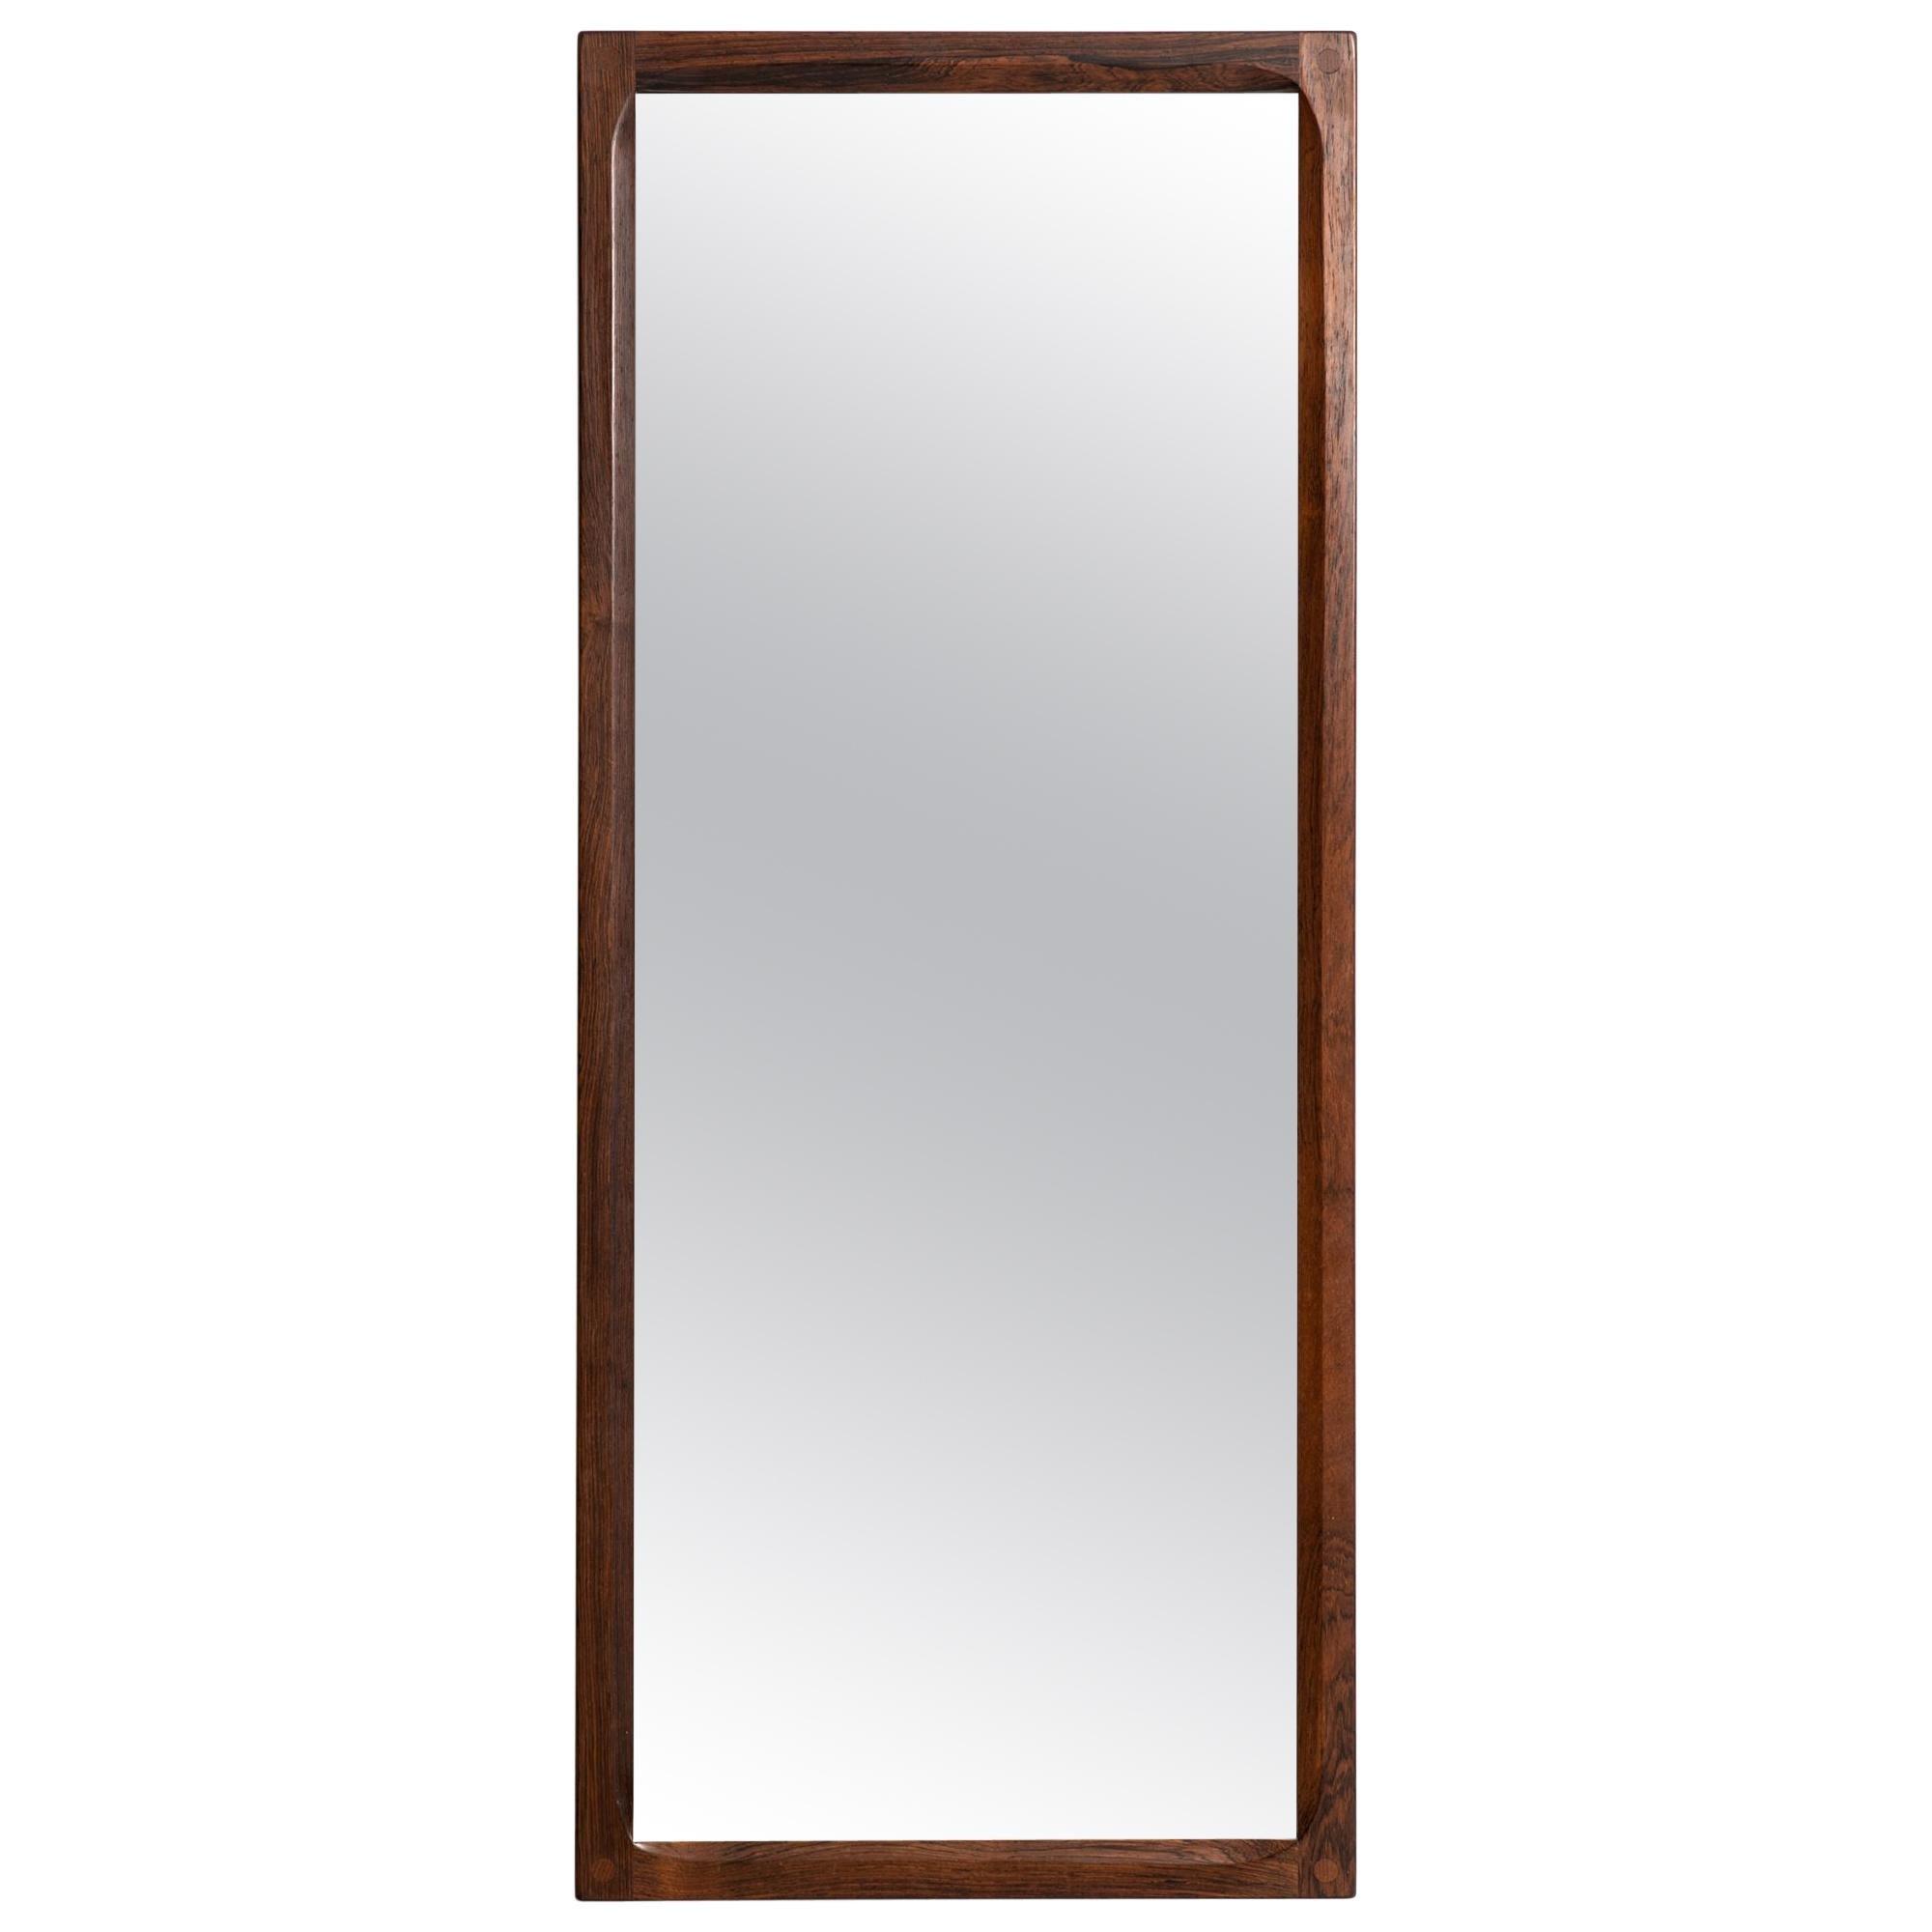 Aksel Kjersgaard Mirror Produced by Odder in Denmark